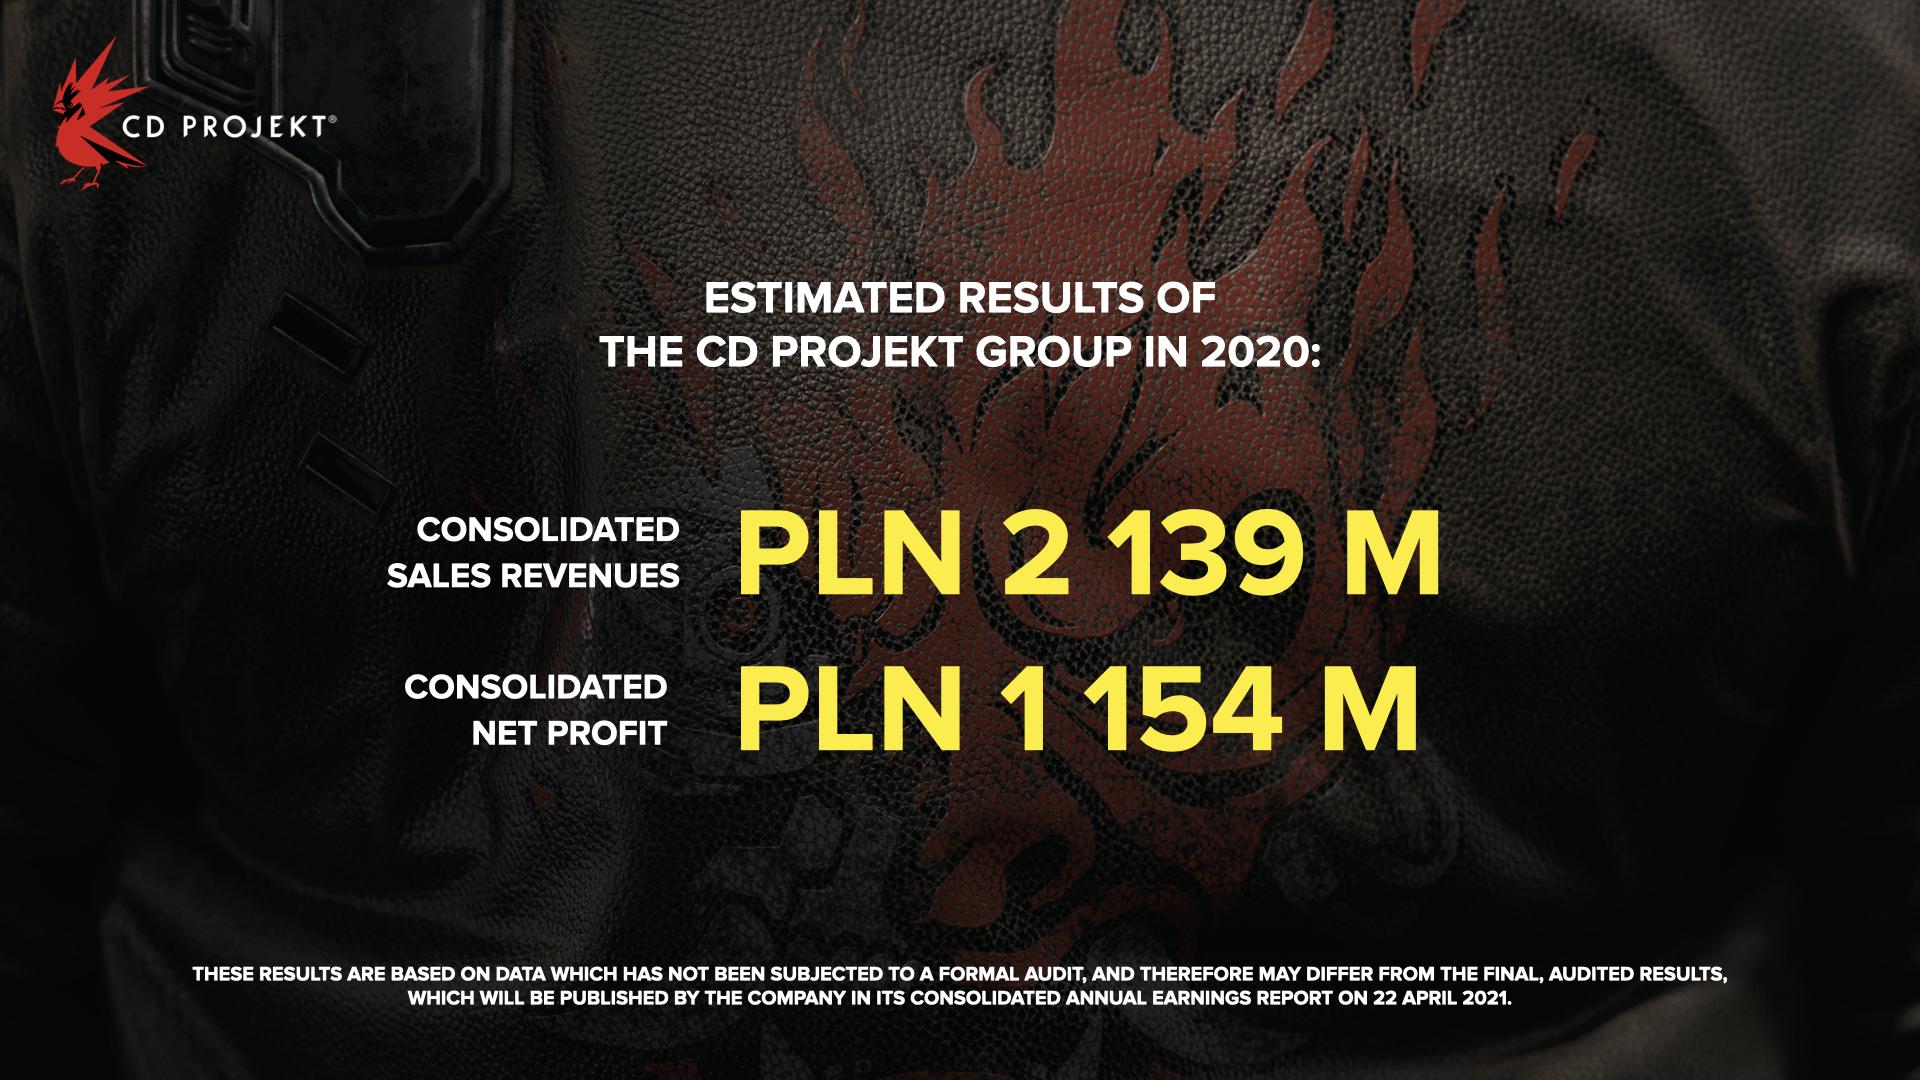 CD Projekt RED похвастались рекордной выручкой в 2020 году